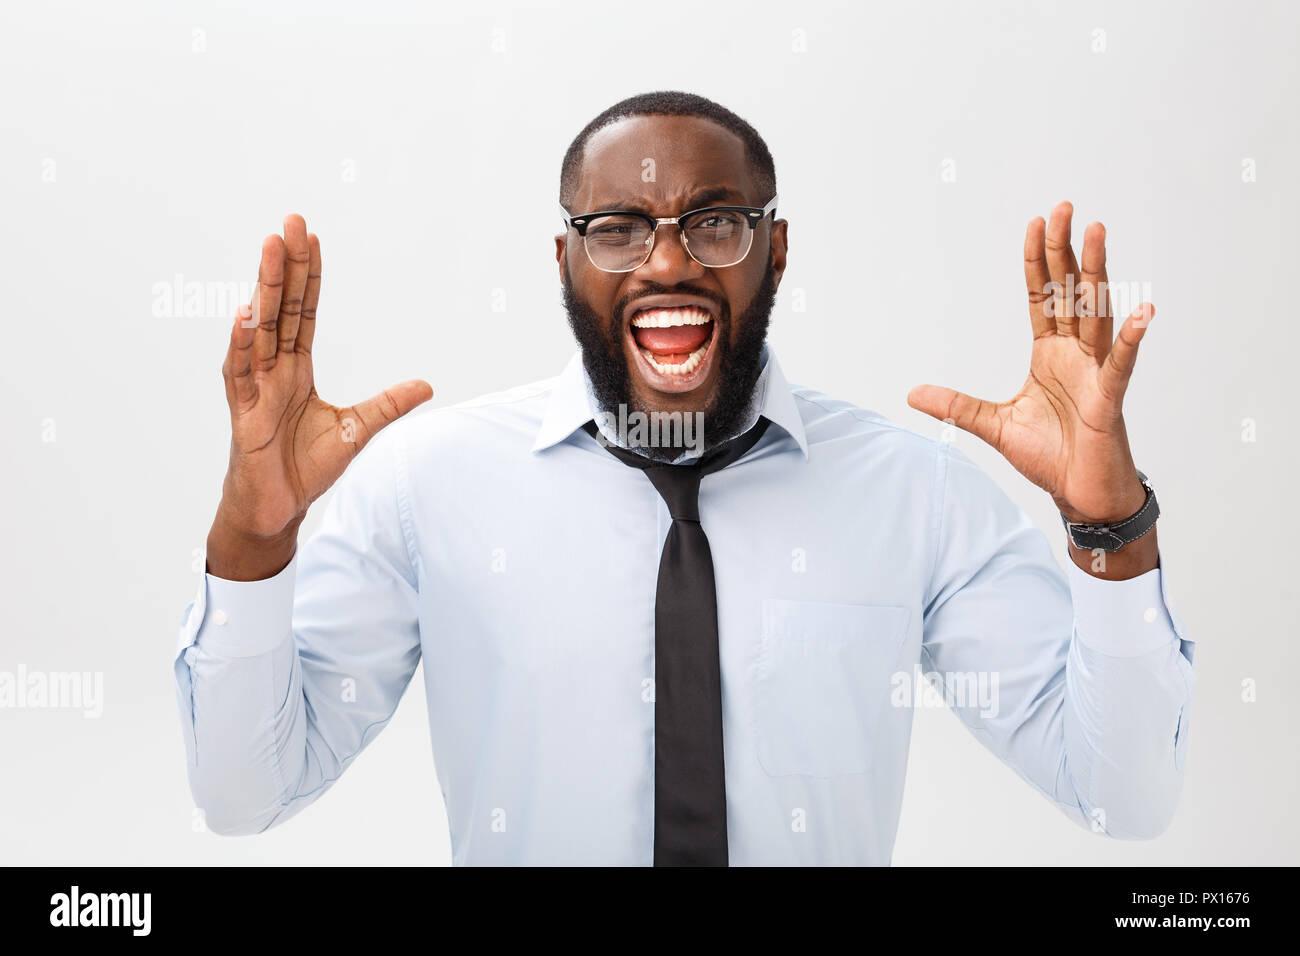 Retrato de molesto macho negro desesperados gritos de rabia y enfado desgarrando su cabello mientras se sentía furioso y enojado con algo. Rostro humano negativo expresiones, emociones y sentimientos. Foto de stock